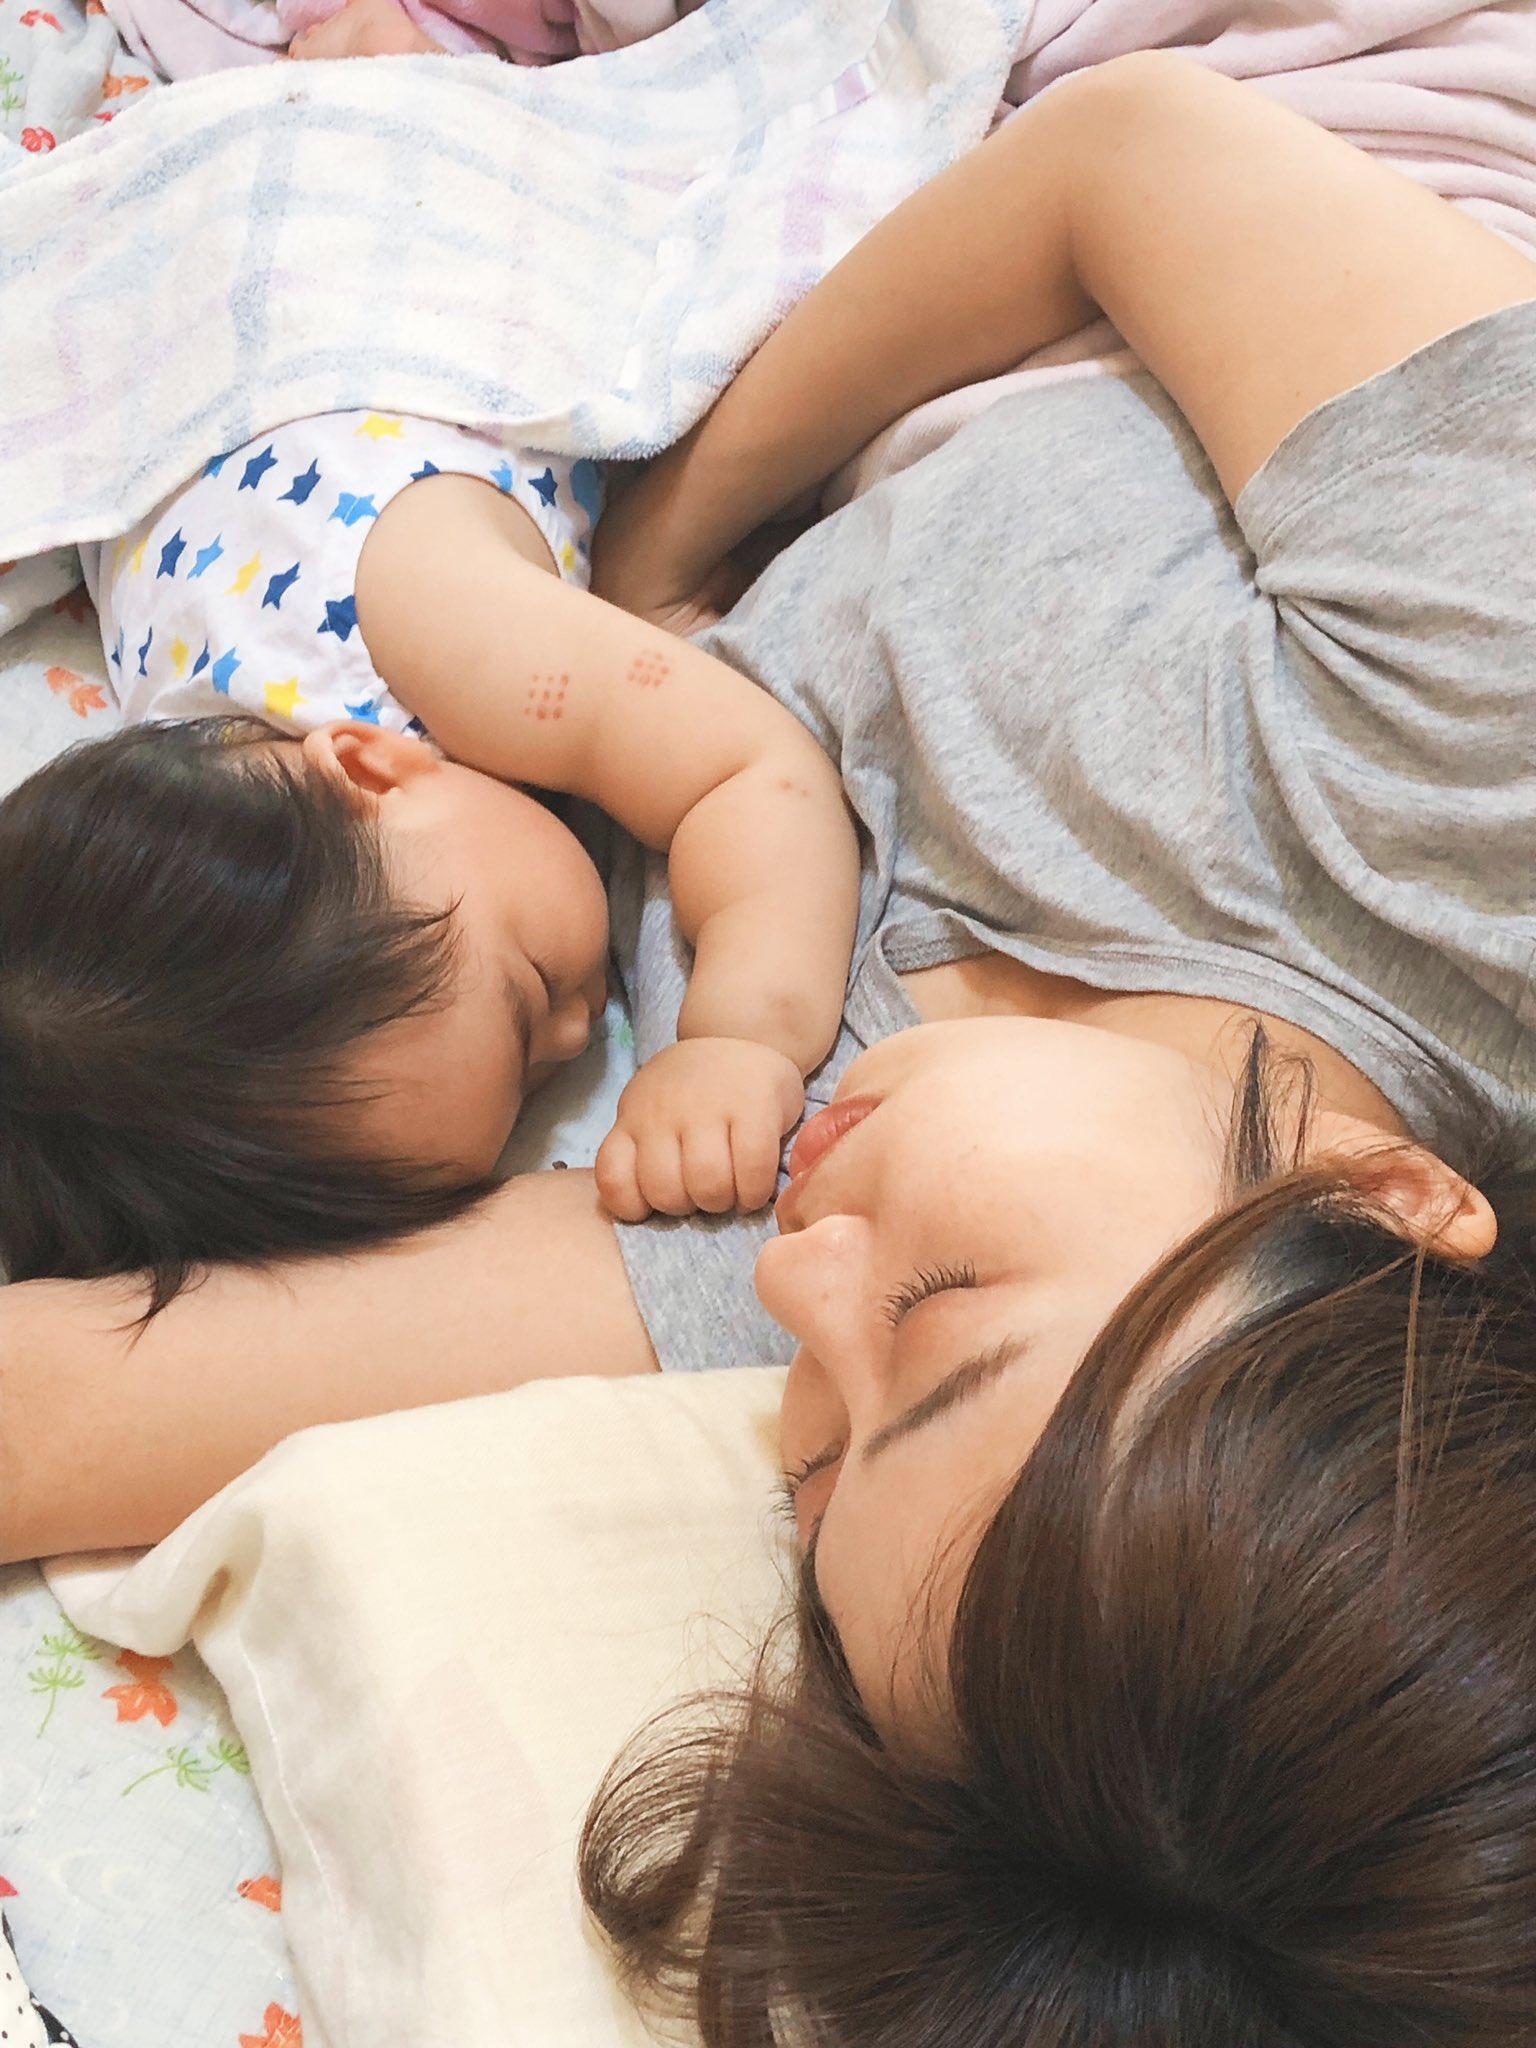 世の旦那さんへ。 こういうの。 こういうのが撮って欲しいんです。 いつもパパと子供は自然な写真あるけど、ママと子供はピースとか真正面ばっかり。 これ見たパパ、今日の夜にでも寝かしつけたママと子供を撮って。アングルは上から。二重アゴならんように。 ちなみにこれのカメラマンは私のママ🥺❣️